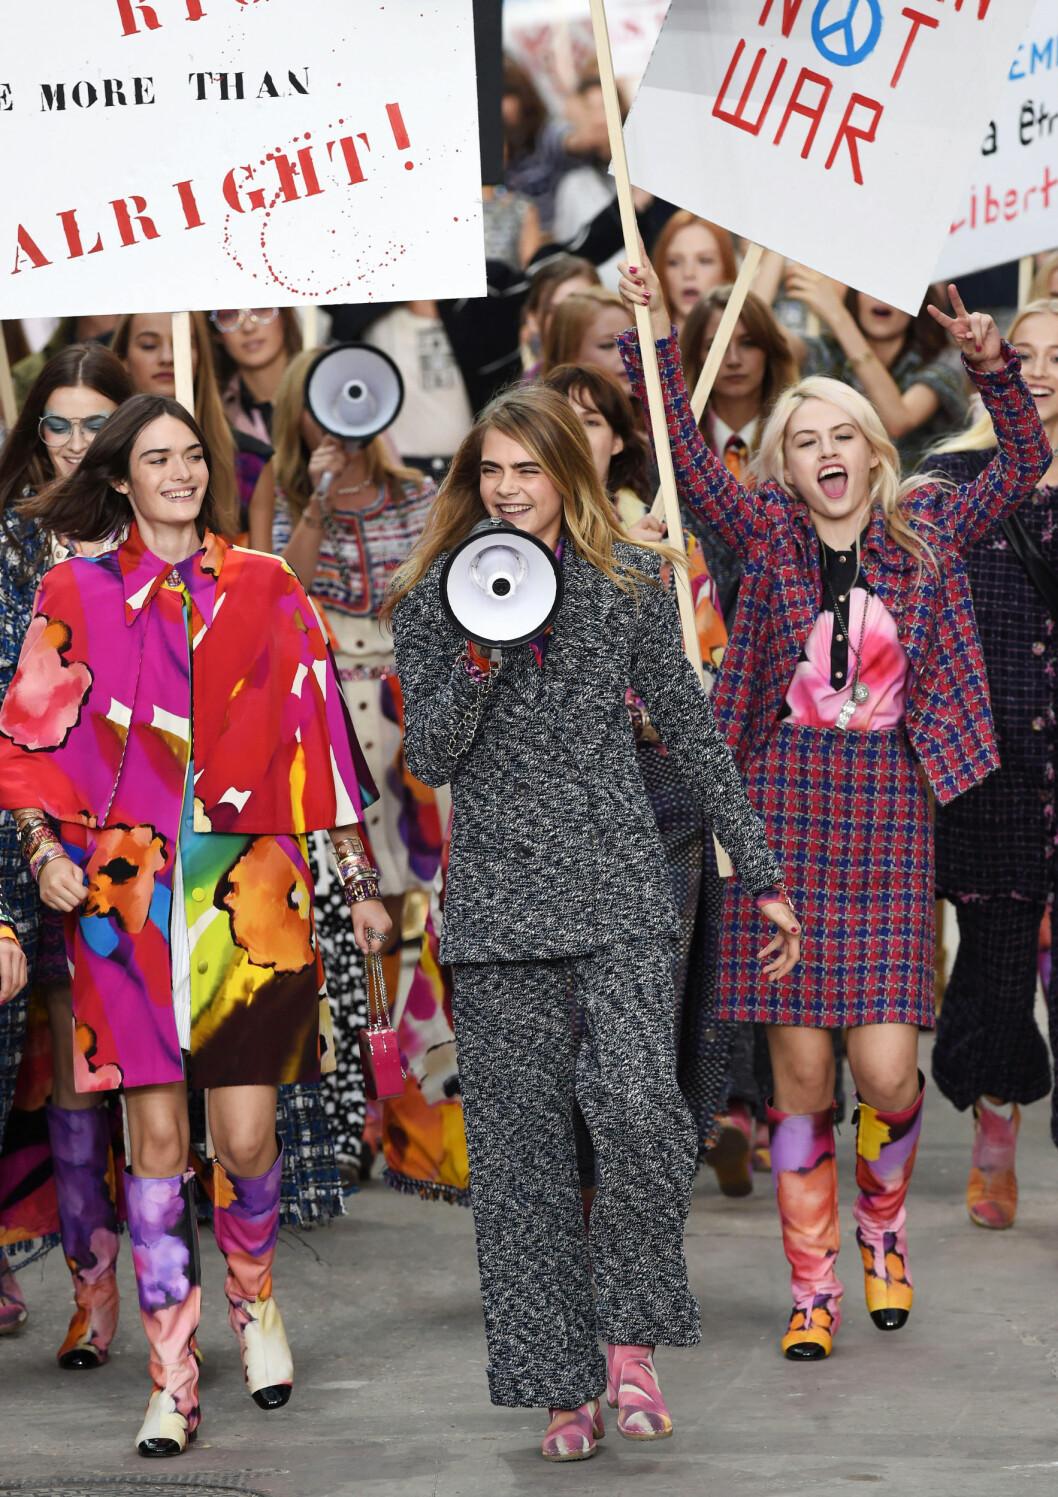 EN AV CHANELS MUSER: Supermodell Cara Delevingne, her med megafon på liksom-demonstrasjon på catwalken for Chanel, velger bort Victoria's Secret, siden det kærsjer med det franske motehuset. Foto: REX/David Fisher/All Over Press